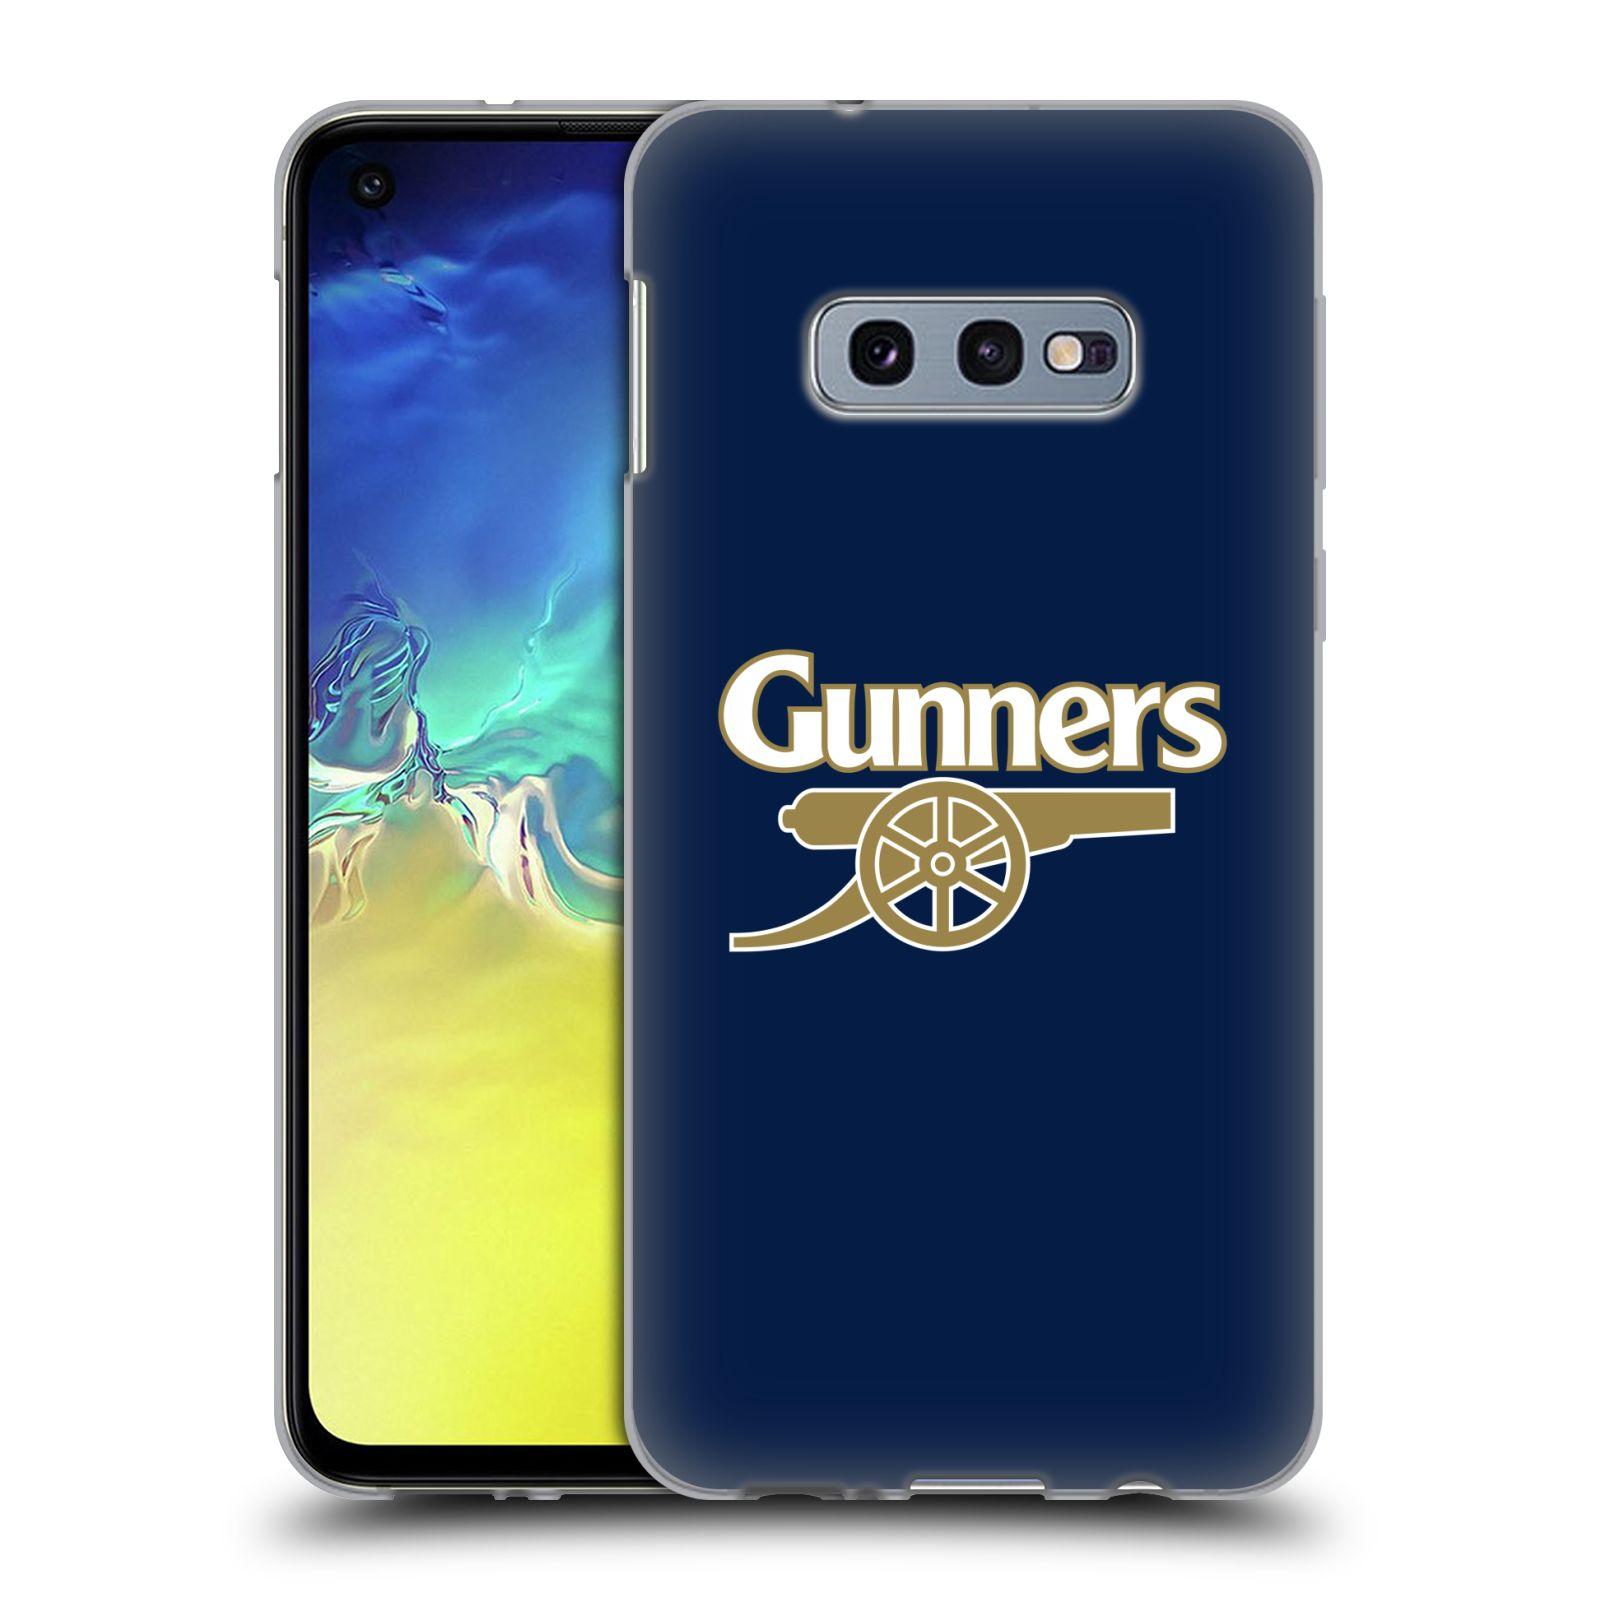 Silikonové pouzdro na mobil Samsung Galaxy S10e - Head Case - Arsenal FC - Gunners